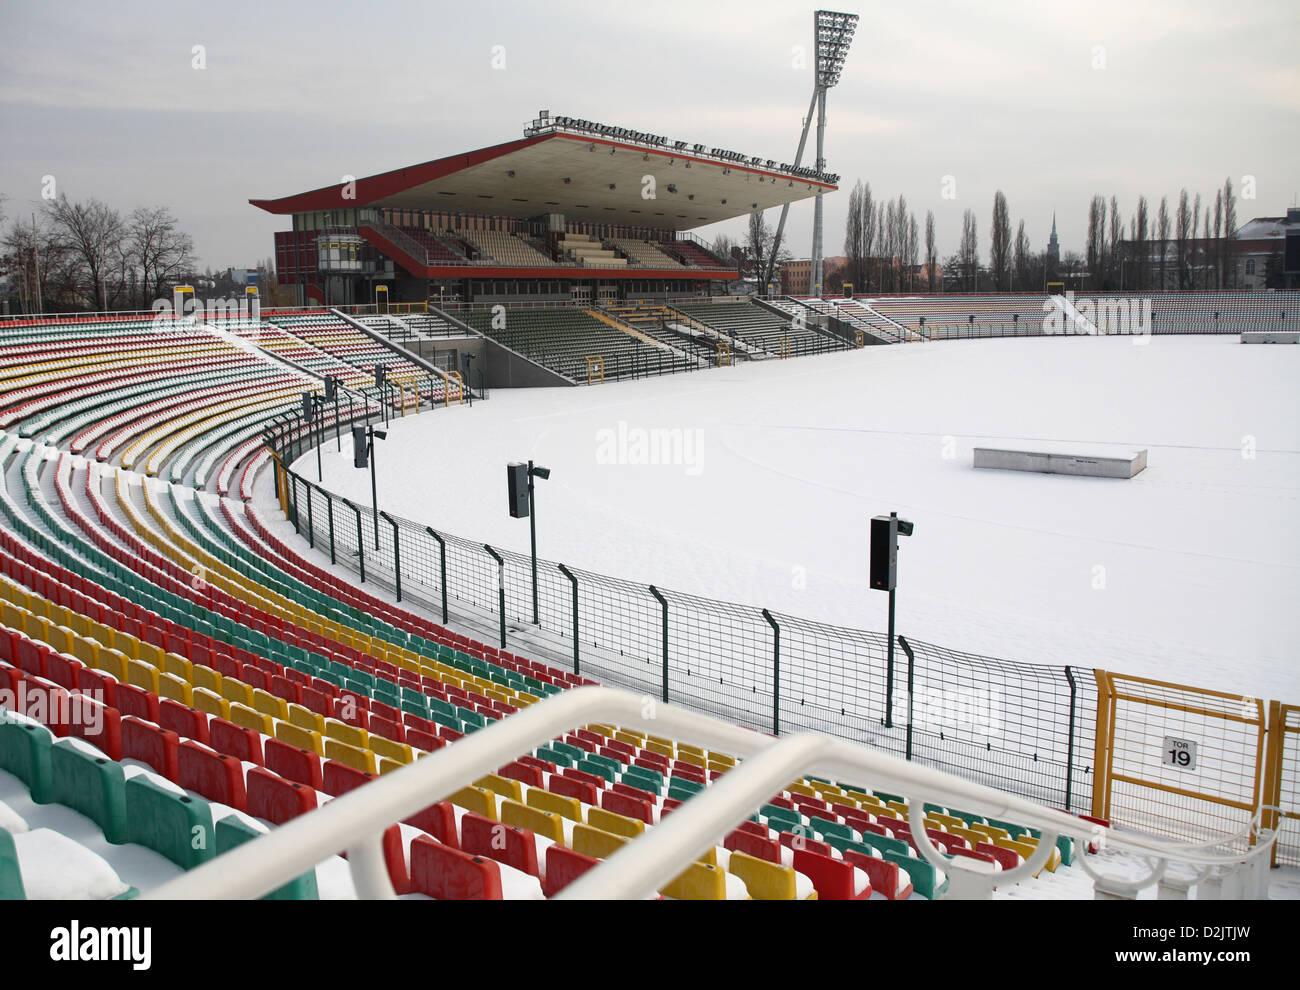 Berlin, Allemagne, le stade Friedrich-Ludwig Jahn dans le parc sportif de Jahn en hiver Photo Stock